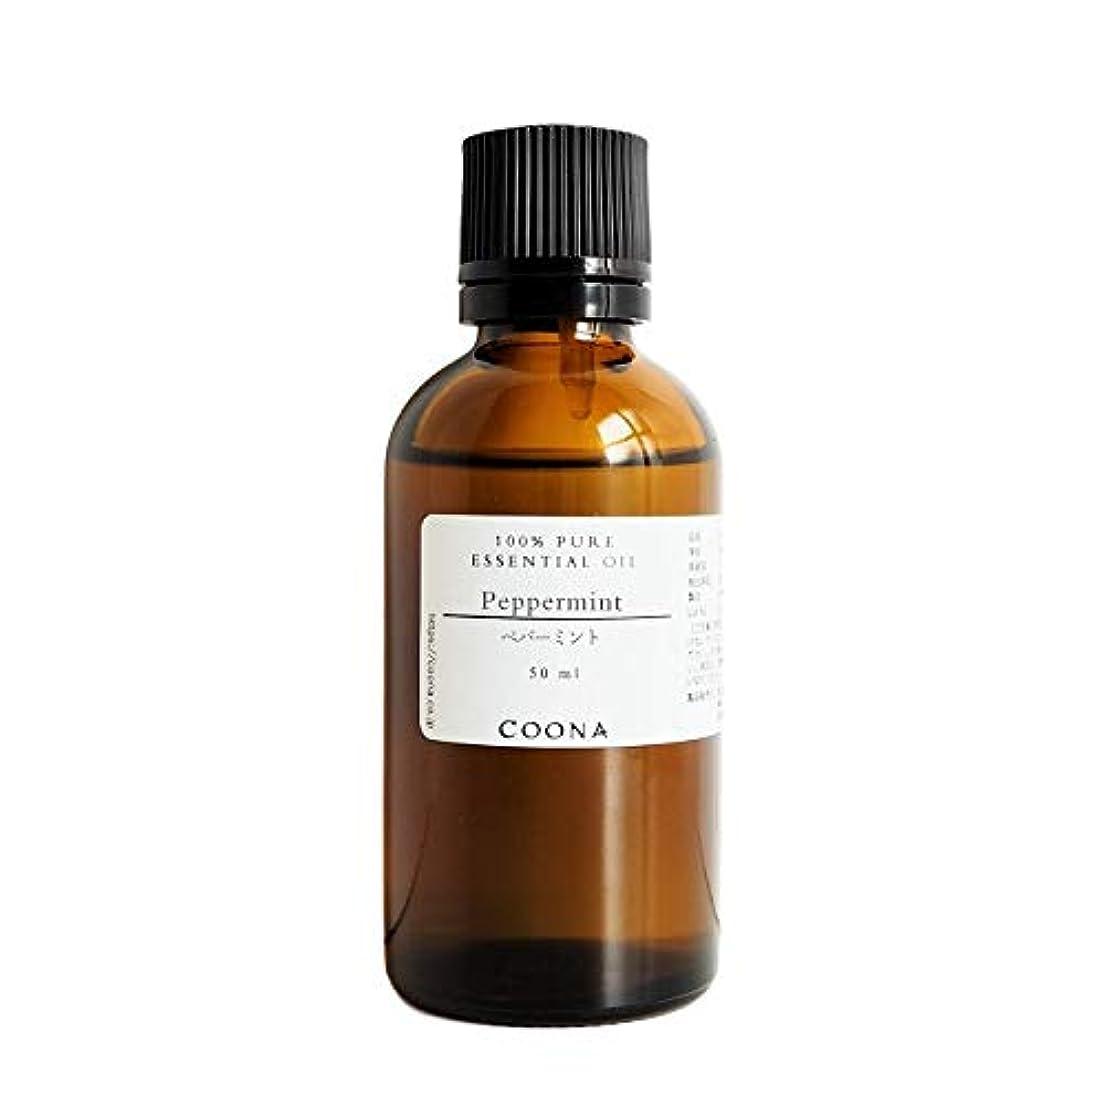 鎮痛剤エキゾチック協同ペパーミント 50 ml (COONA エッセンシャルオイル アロマオイル 100%天然植物精油)